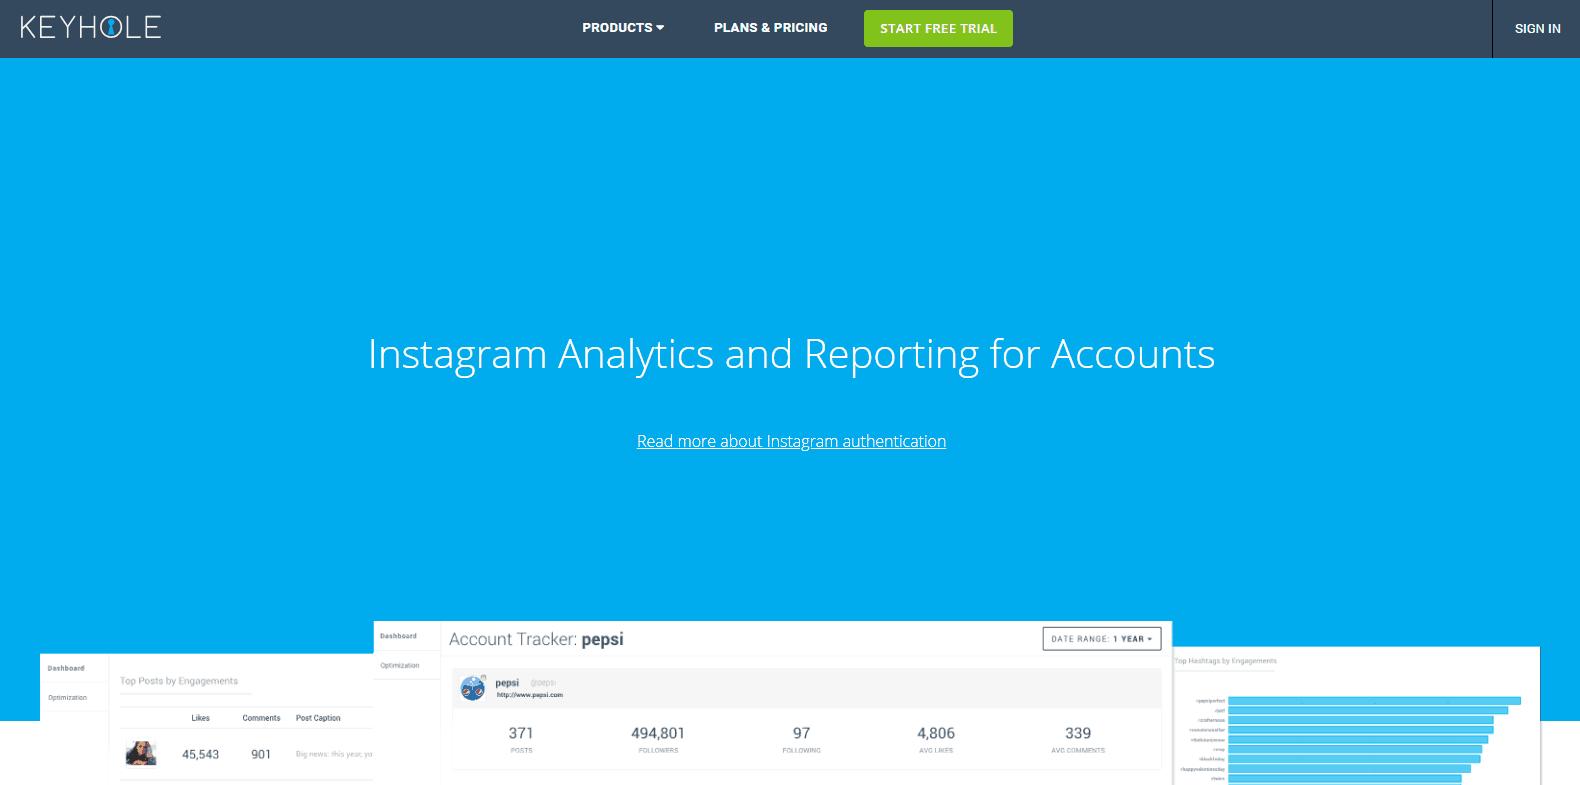 Keyhole Instagram Analytics Tools